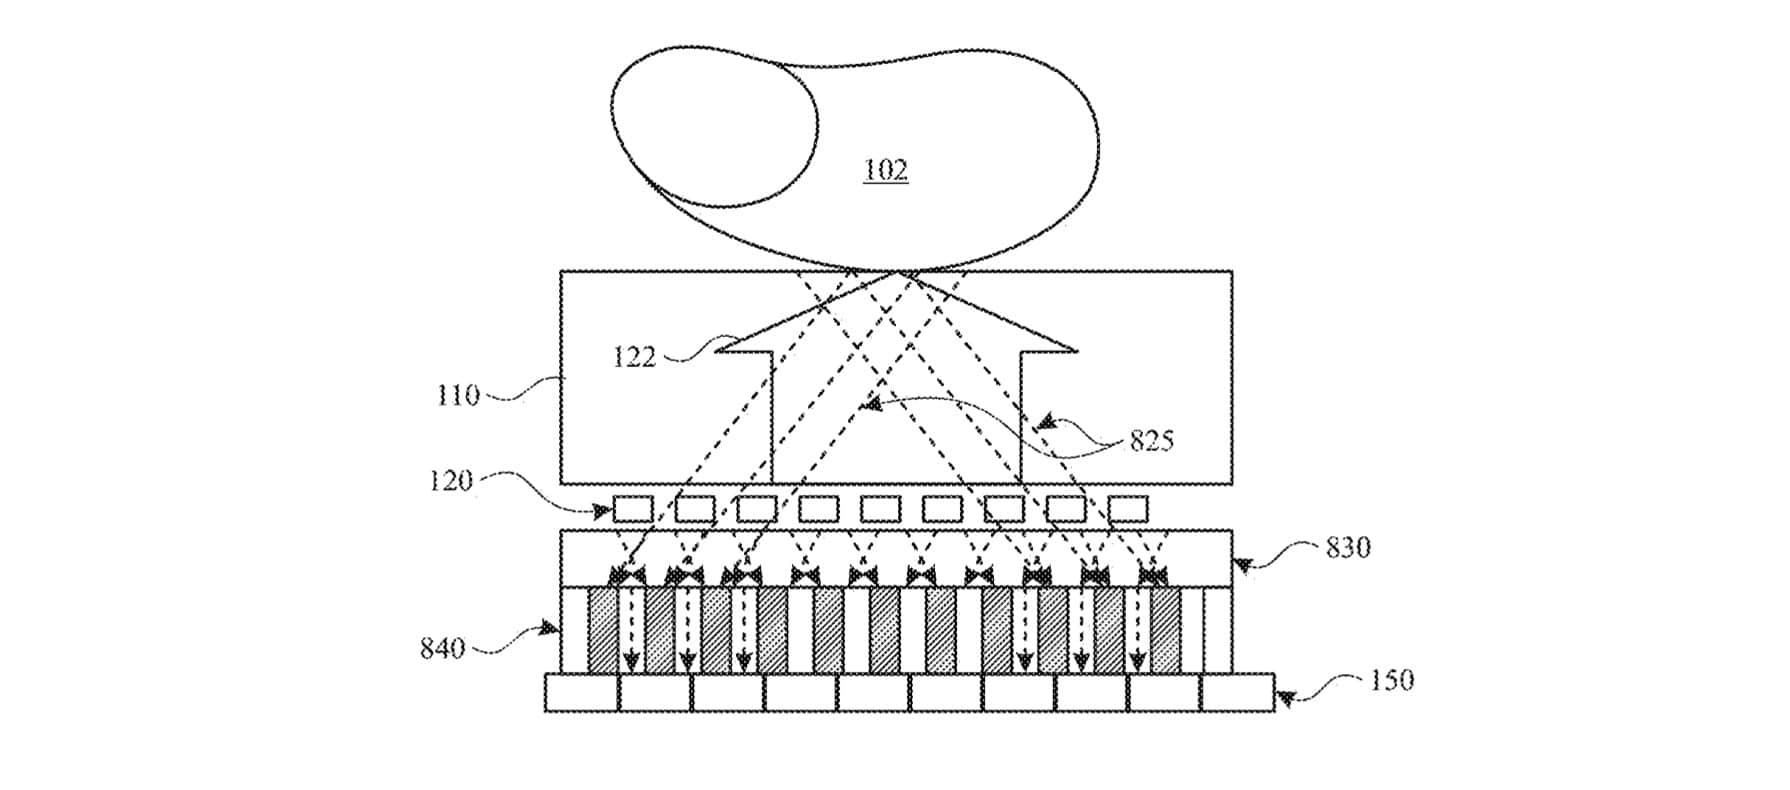 Patente de Touch ID aprimorado sob a tela